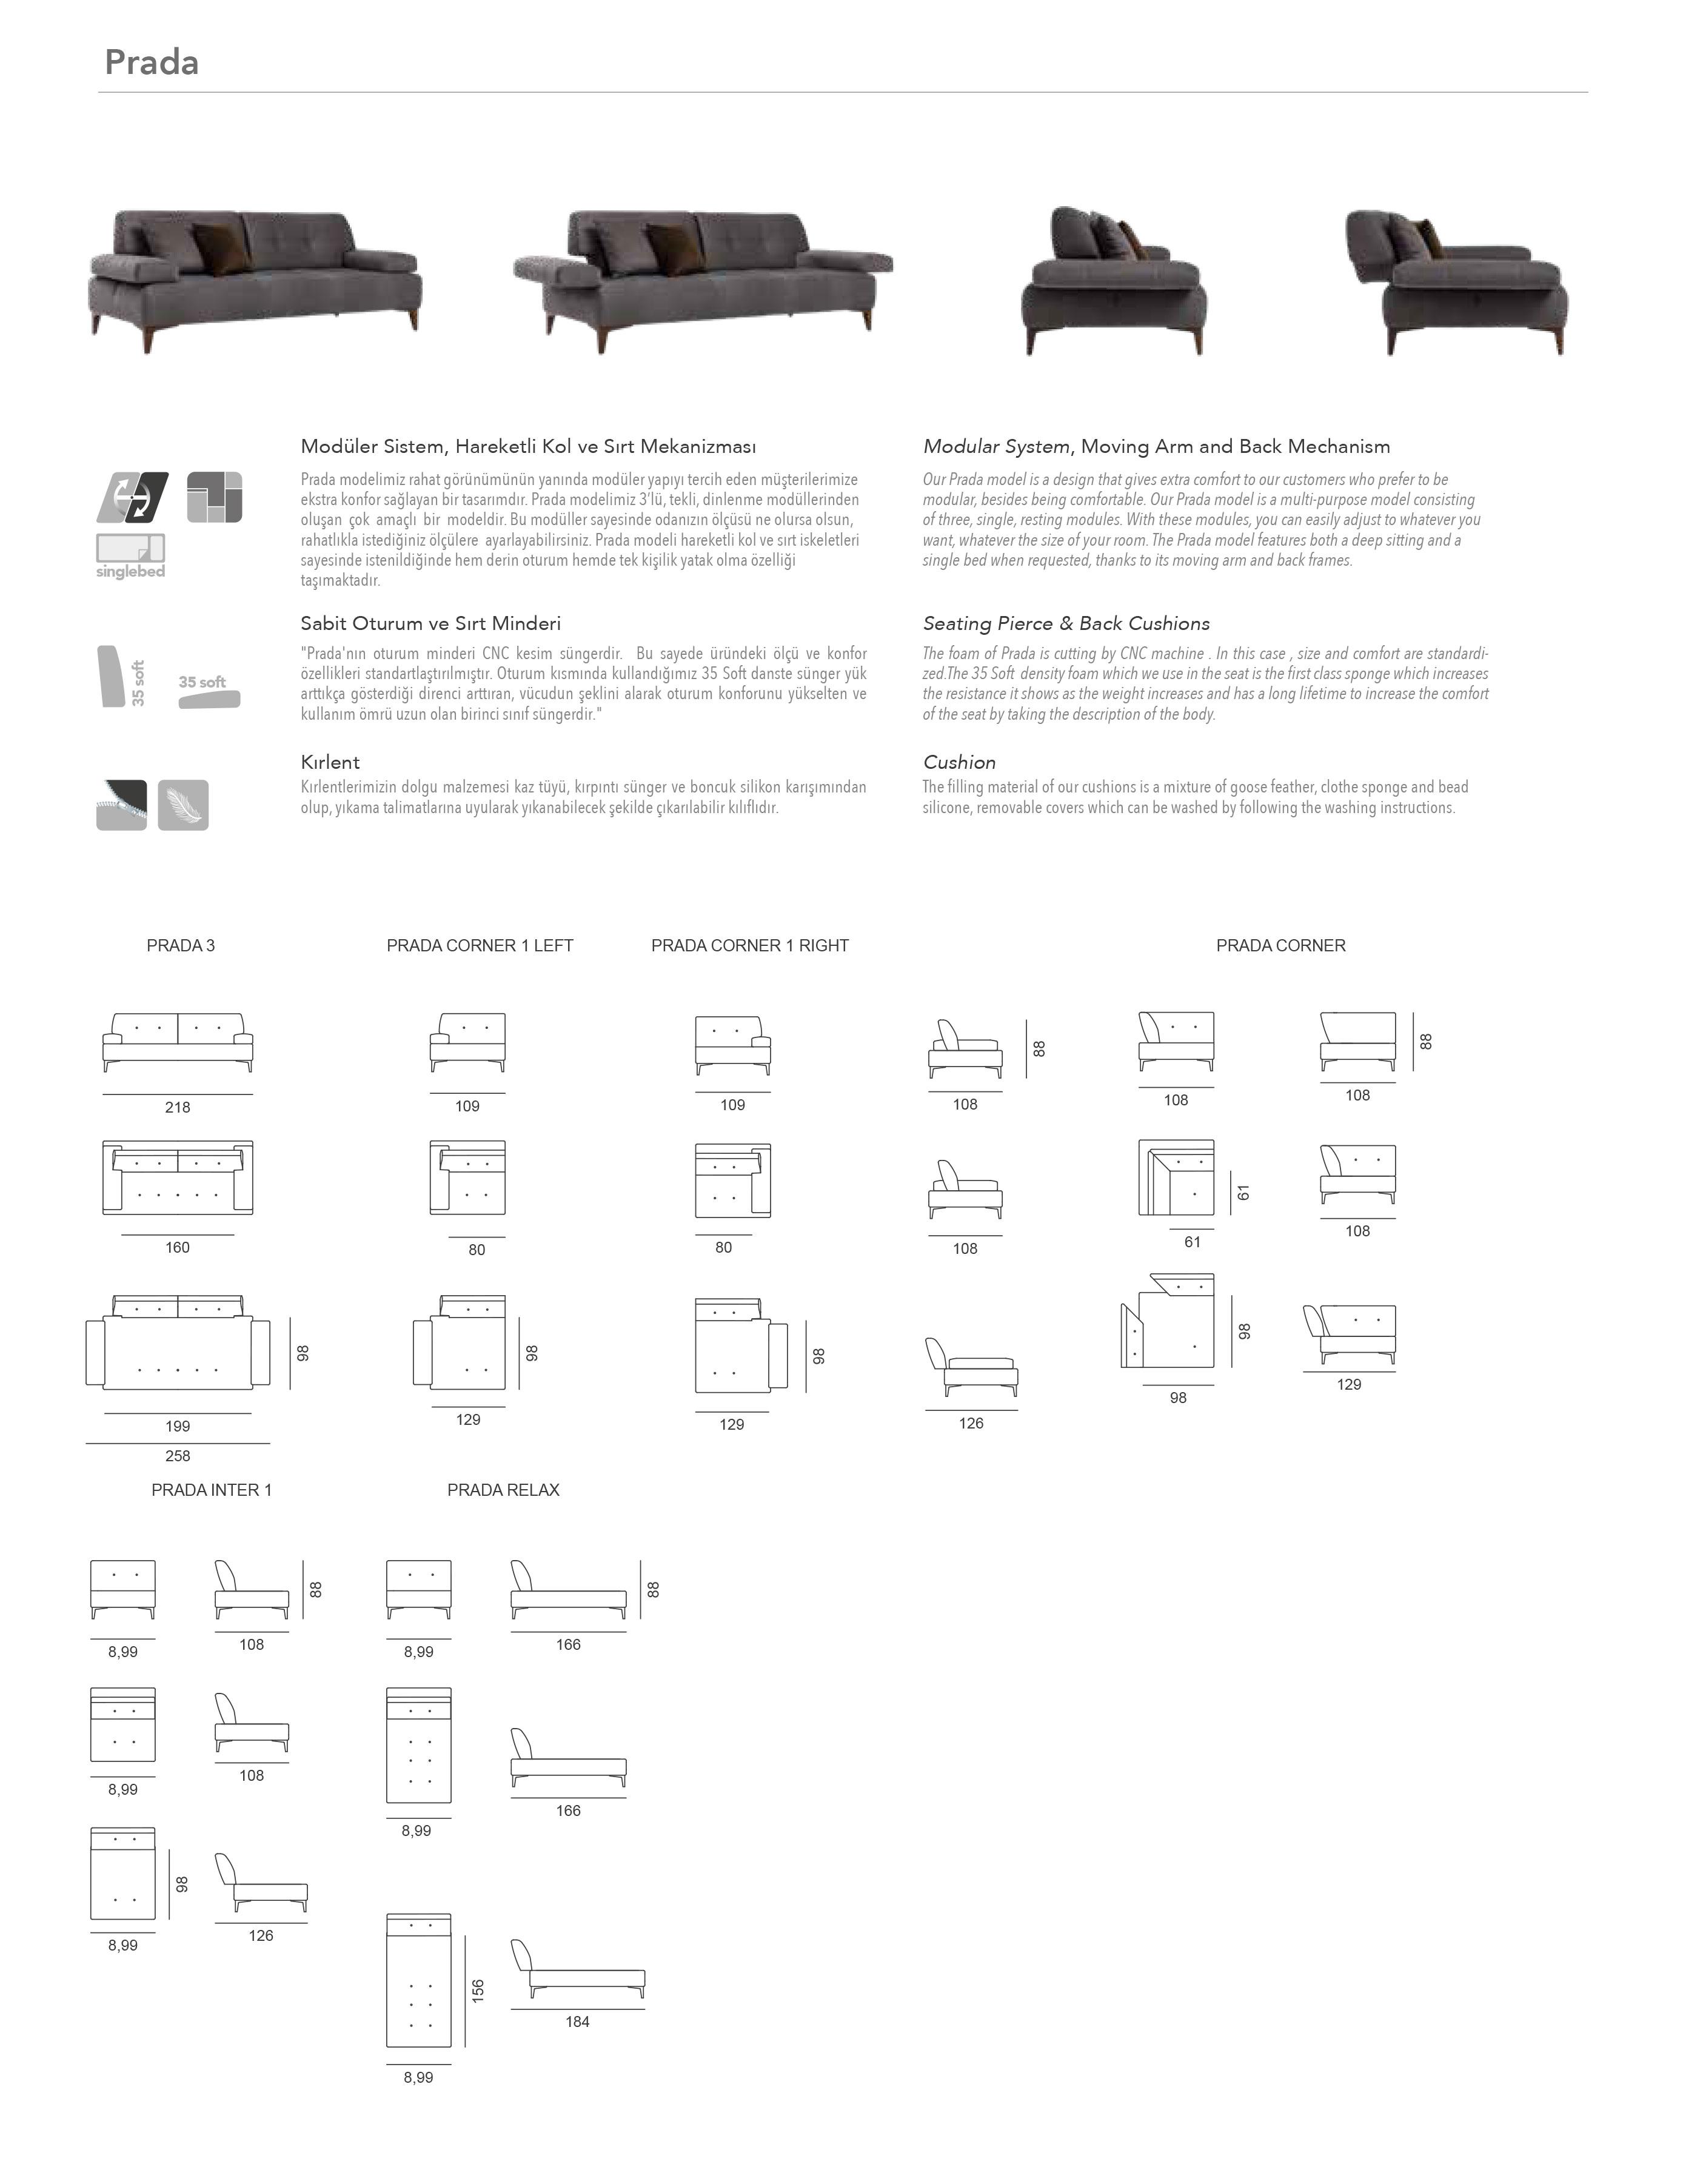 prada-sofa-set